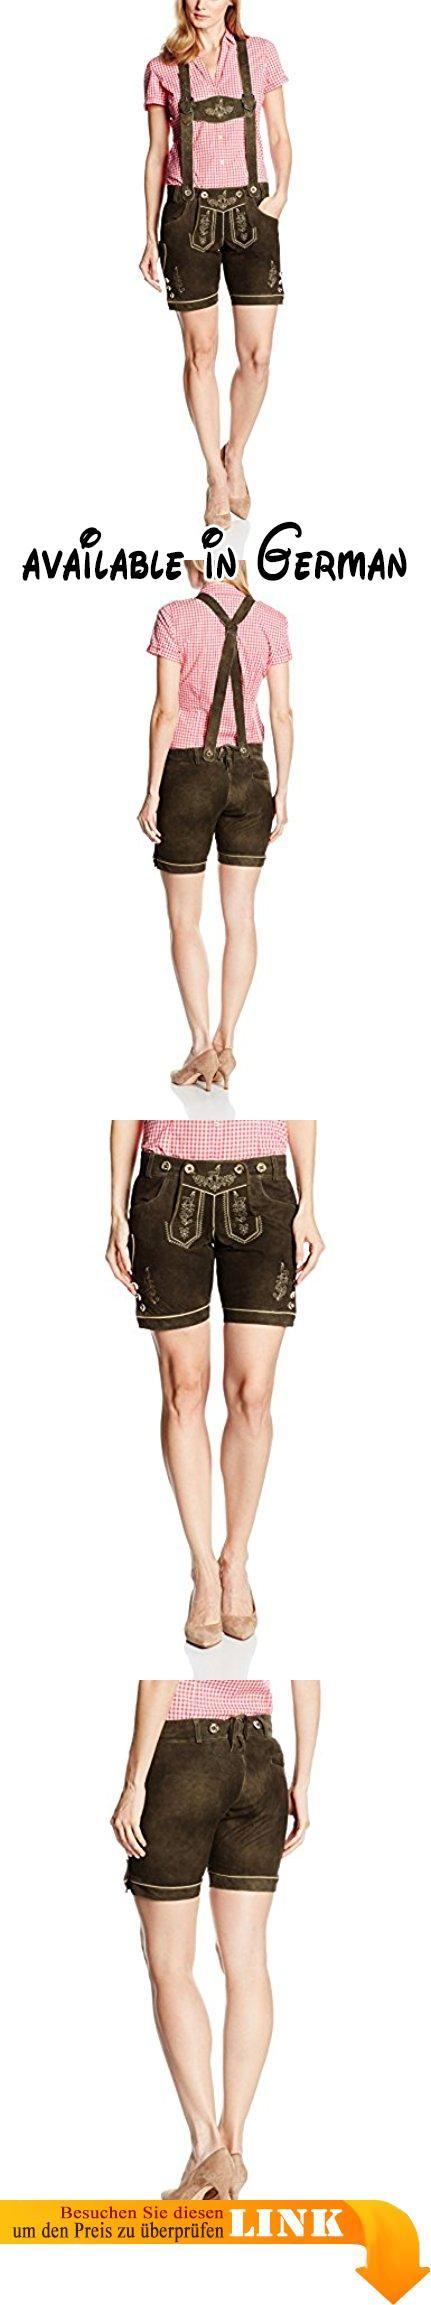 Gaudi-Leathers Damen Trachten Lederhose Normi Shorts kurz mit Träger in Braun (Dunkelbraun 015), W33 (Herstellergröße: 36). Klassische Damen Trachten Lederhose aus Ziegenveloursleder in dunkelbraun mit ausgefallener Stickerei, hübschen Hornknöpfen und farblich passenden Paspeln.. Die kurze Lederhose hat zwei vordere und eine hintere Einschubtasche, eine Messertasche und natürlich den Brotzeitzwickel zum Anpassen der Bundweite. Das hochwertige Ziegenveloursleder dieser